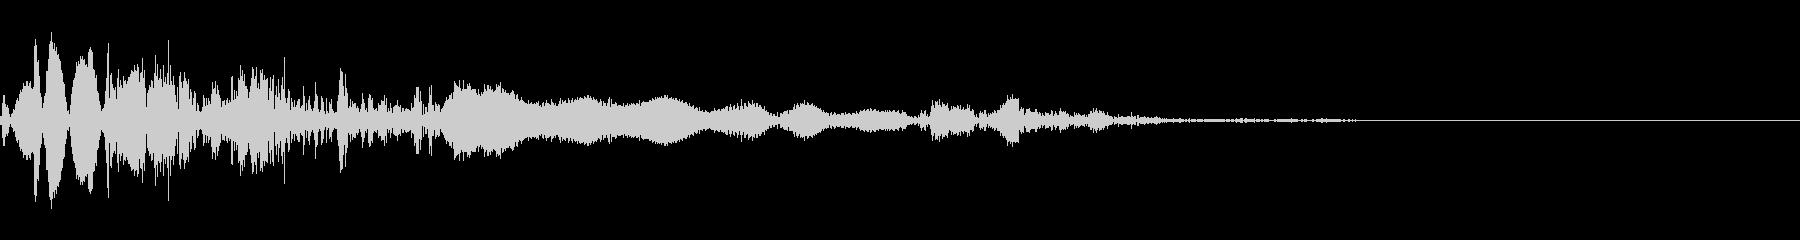 チャリン(コイン・お金を入れる音)の未再生の波形